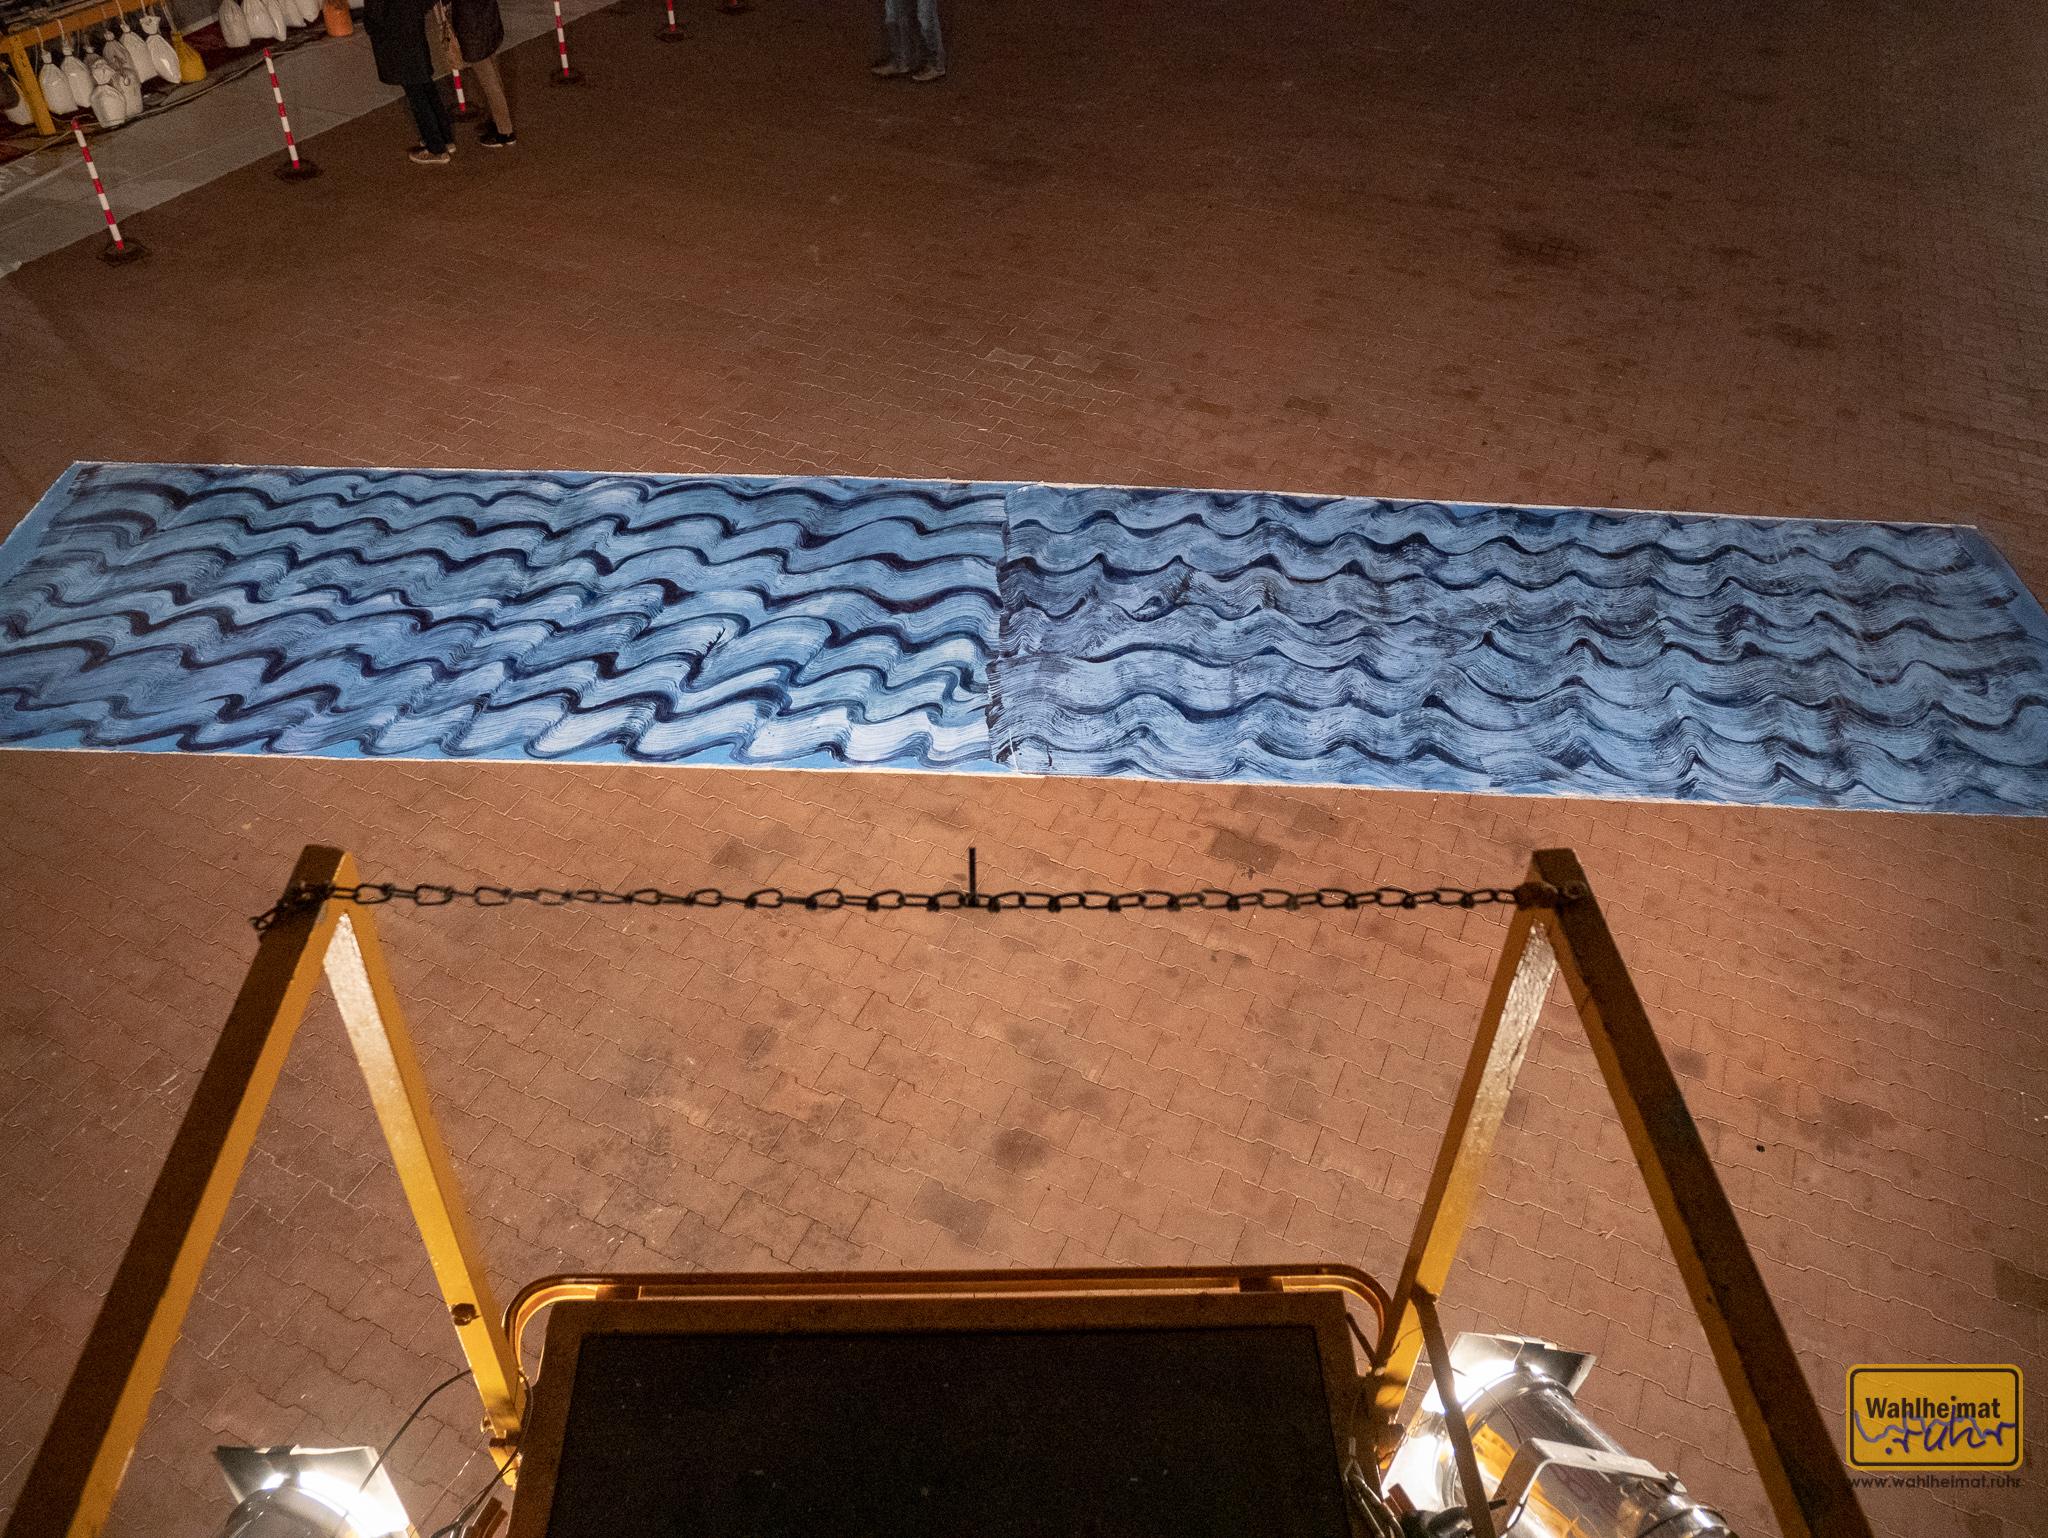 ...Natalija Usakova und simuliert aus luftiger Höhe die Betrachtung der Meeresfläche von oben herab - wie ein Vogel blickt man auf einen zwanzig Quadratmeter großen Teppich.